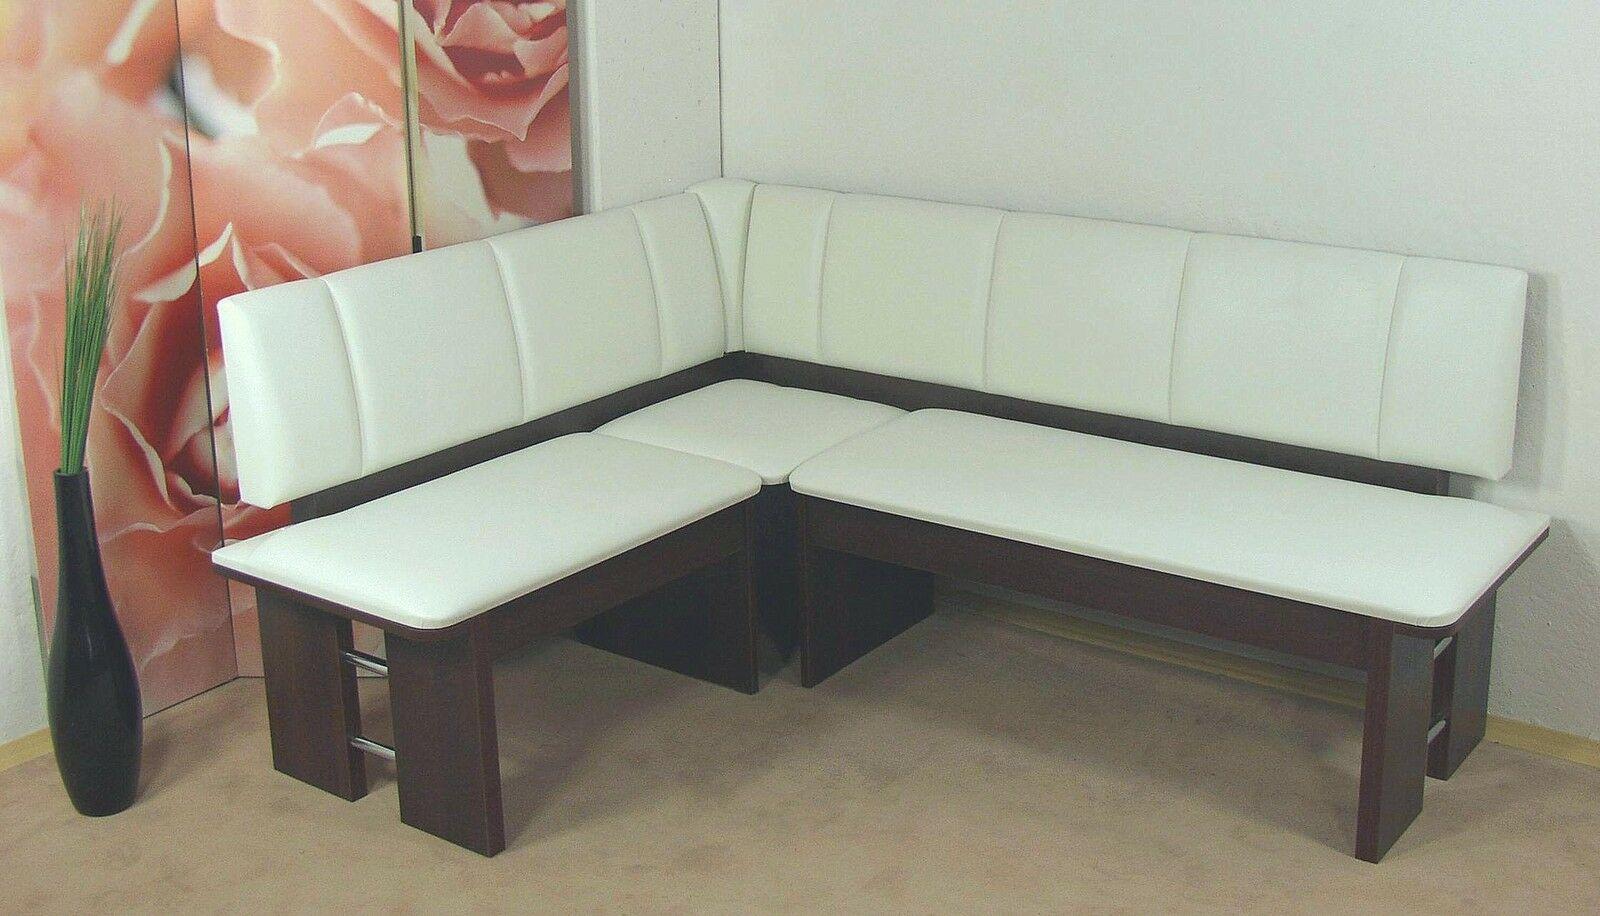 Moderne Eckbank Nussbaum Sitzecke Esszimmer Kuche Melamin Design